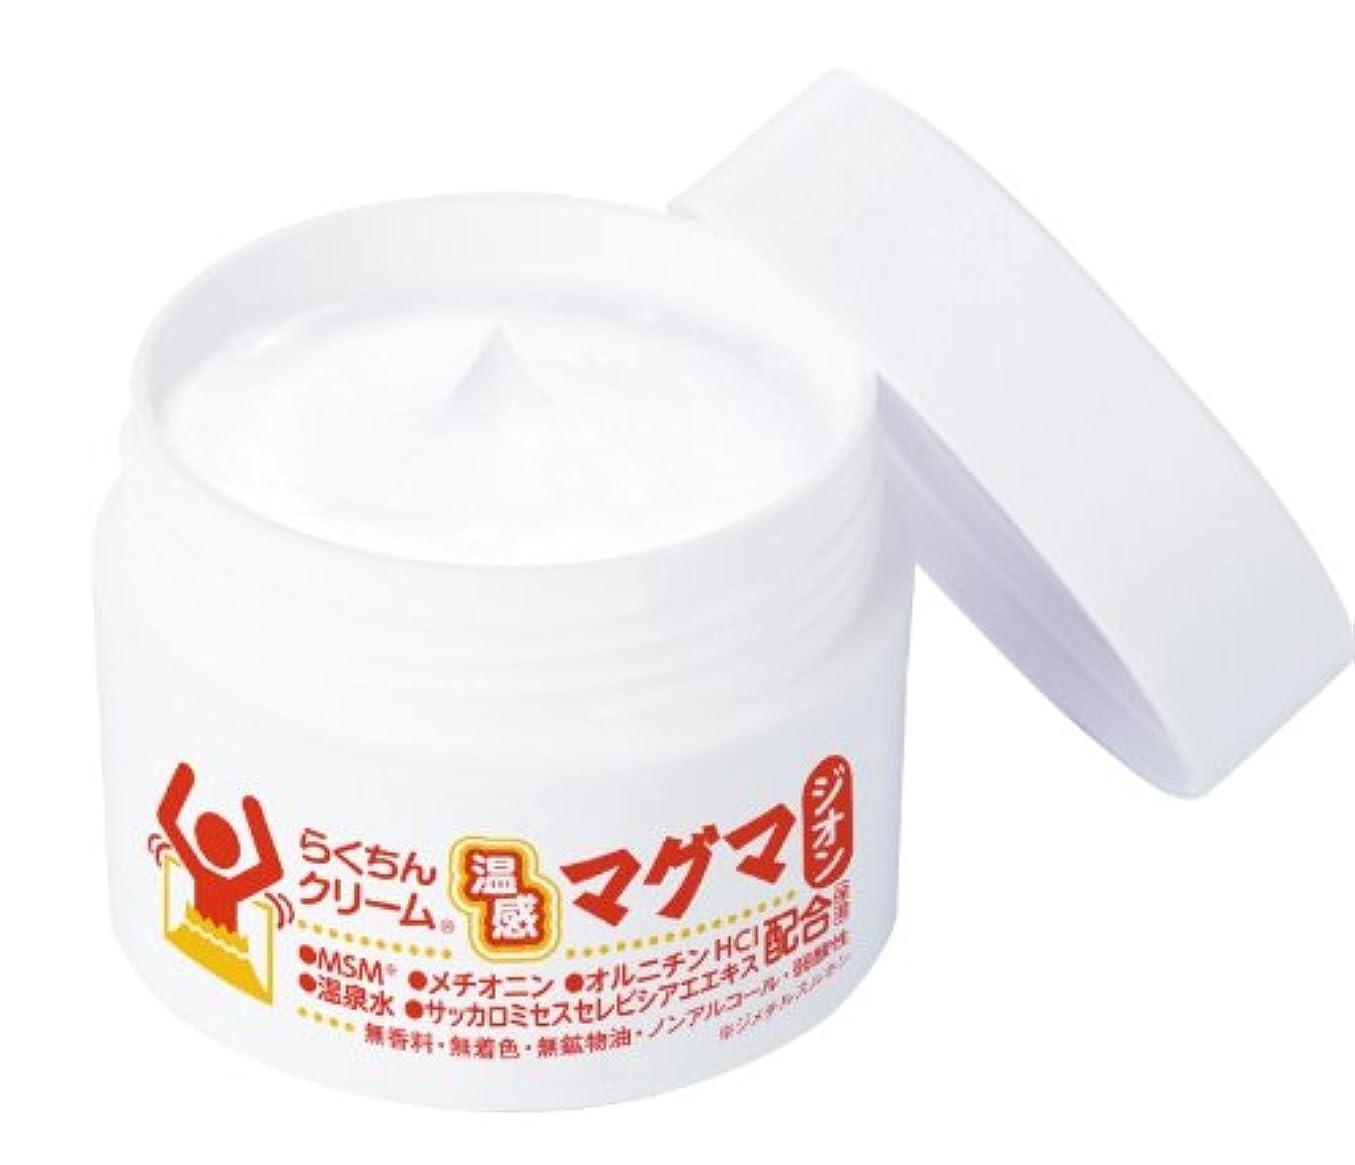 数値信頼性作物らくちんクリーム 温感マグマ ジオン 3個セット ※プロも認めたマッサージクリーム!温感マグマ!自然素材の刺激がリラックス気分をもたらせます!